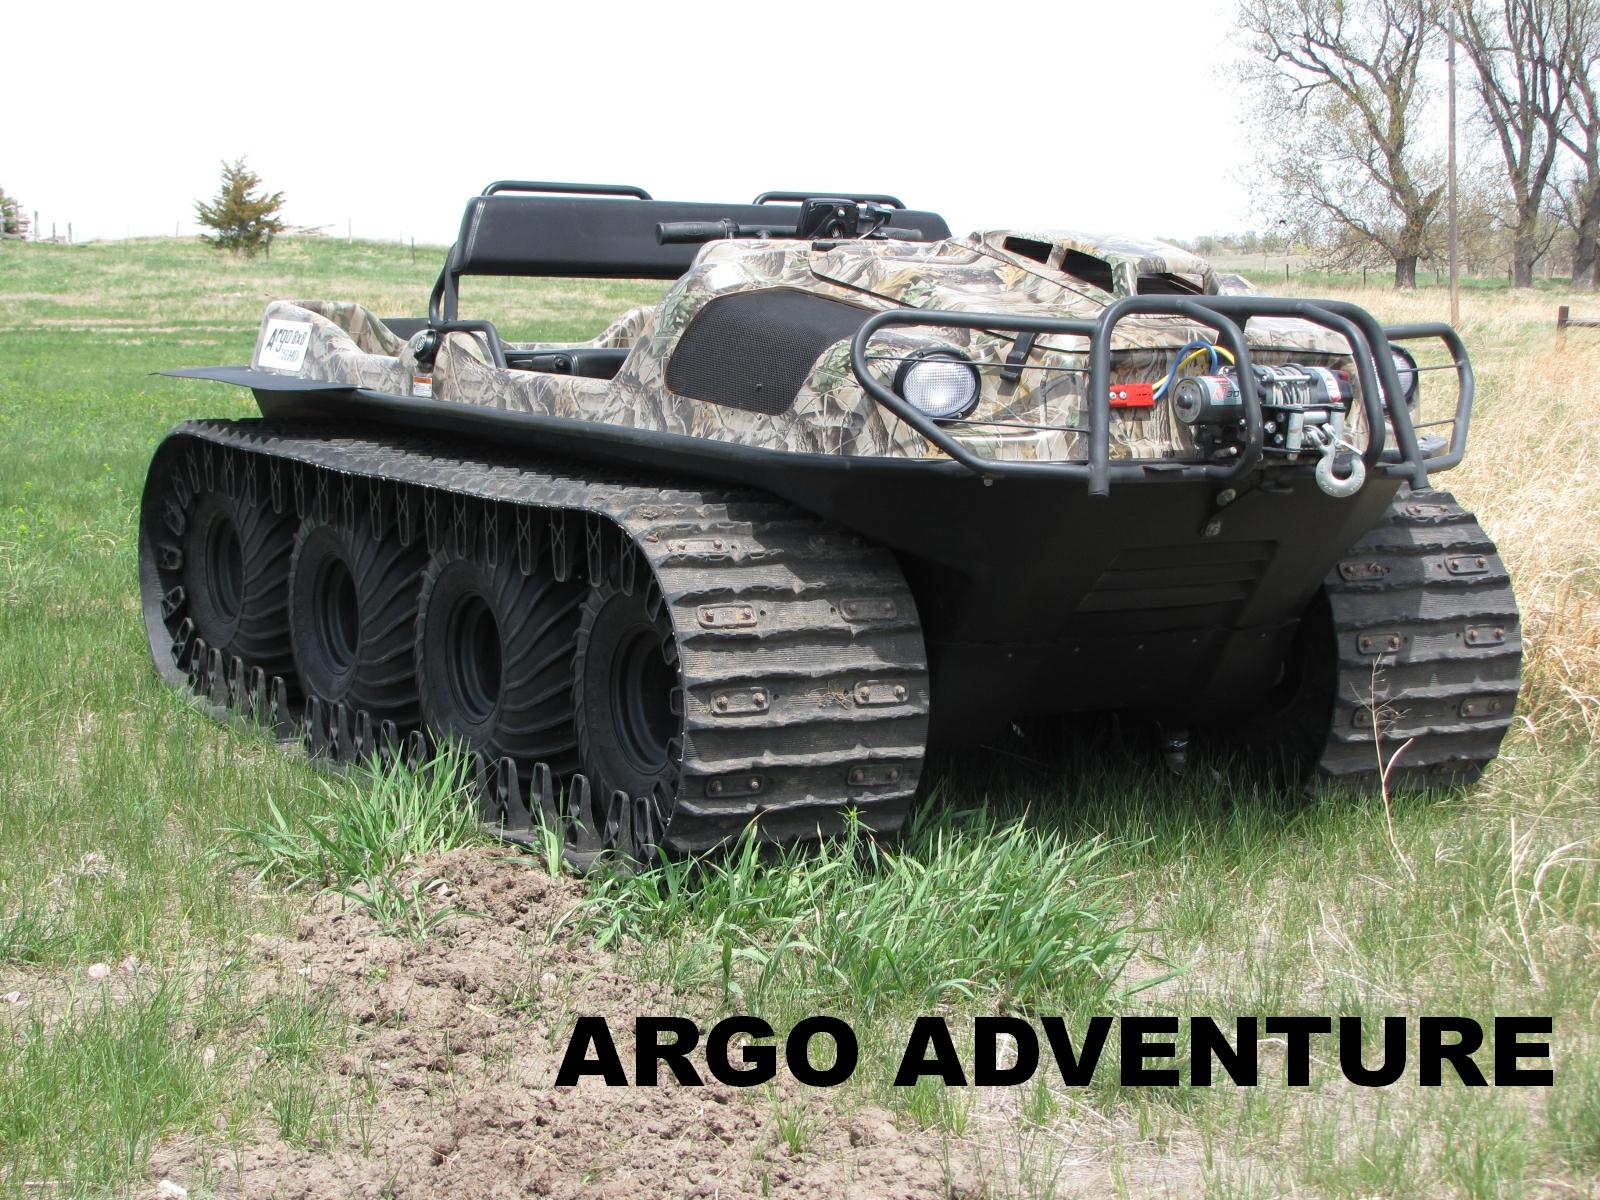 Argo Adventure